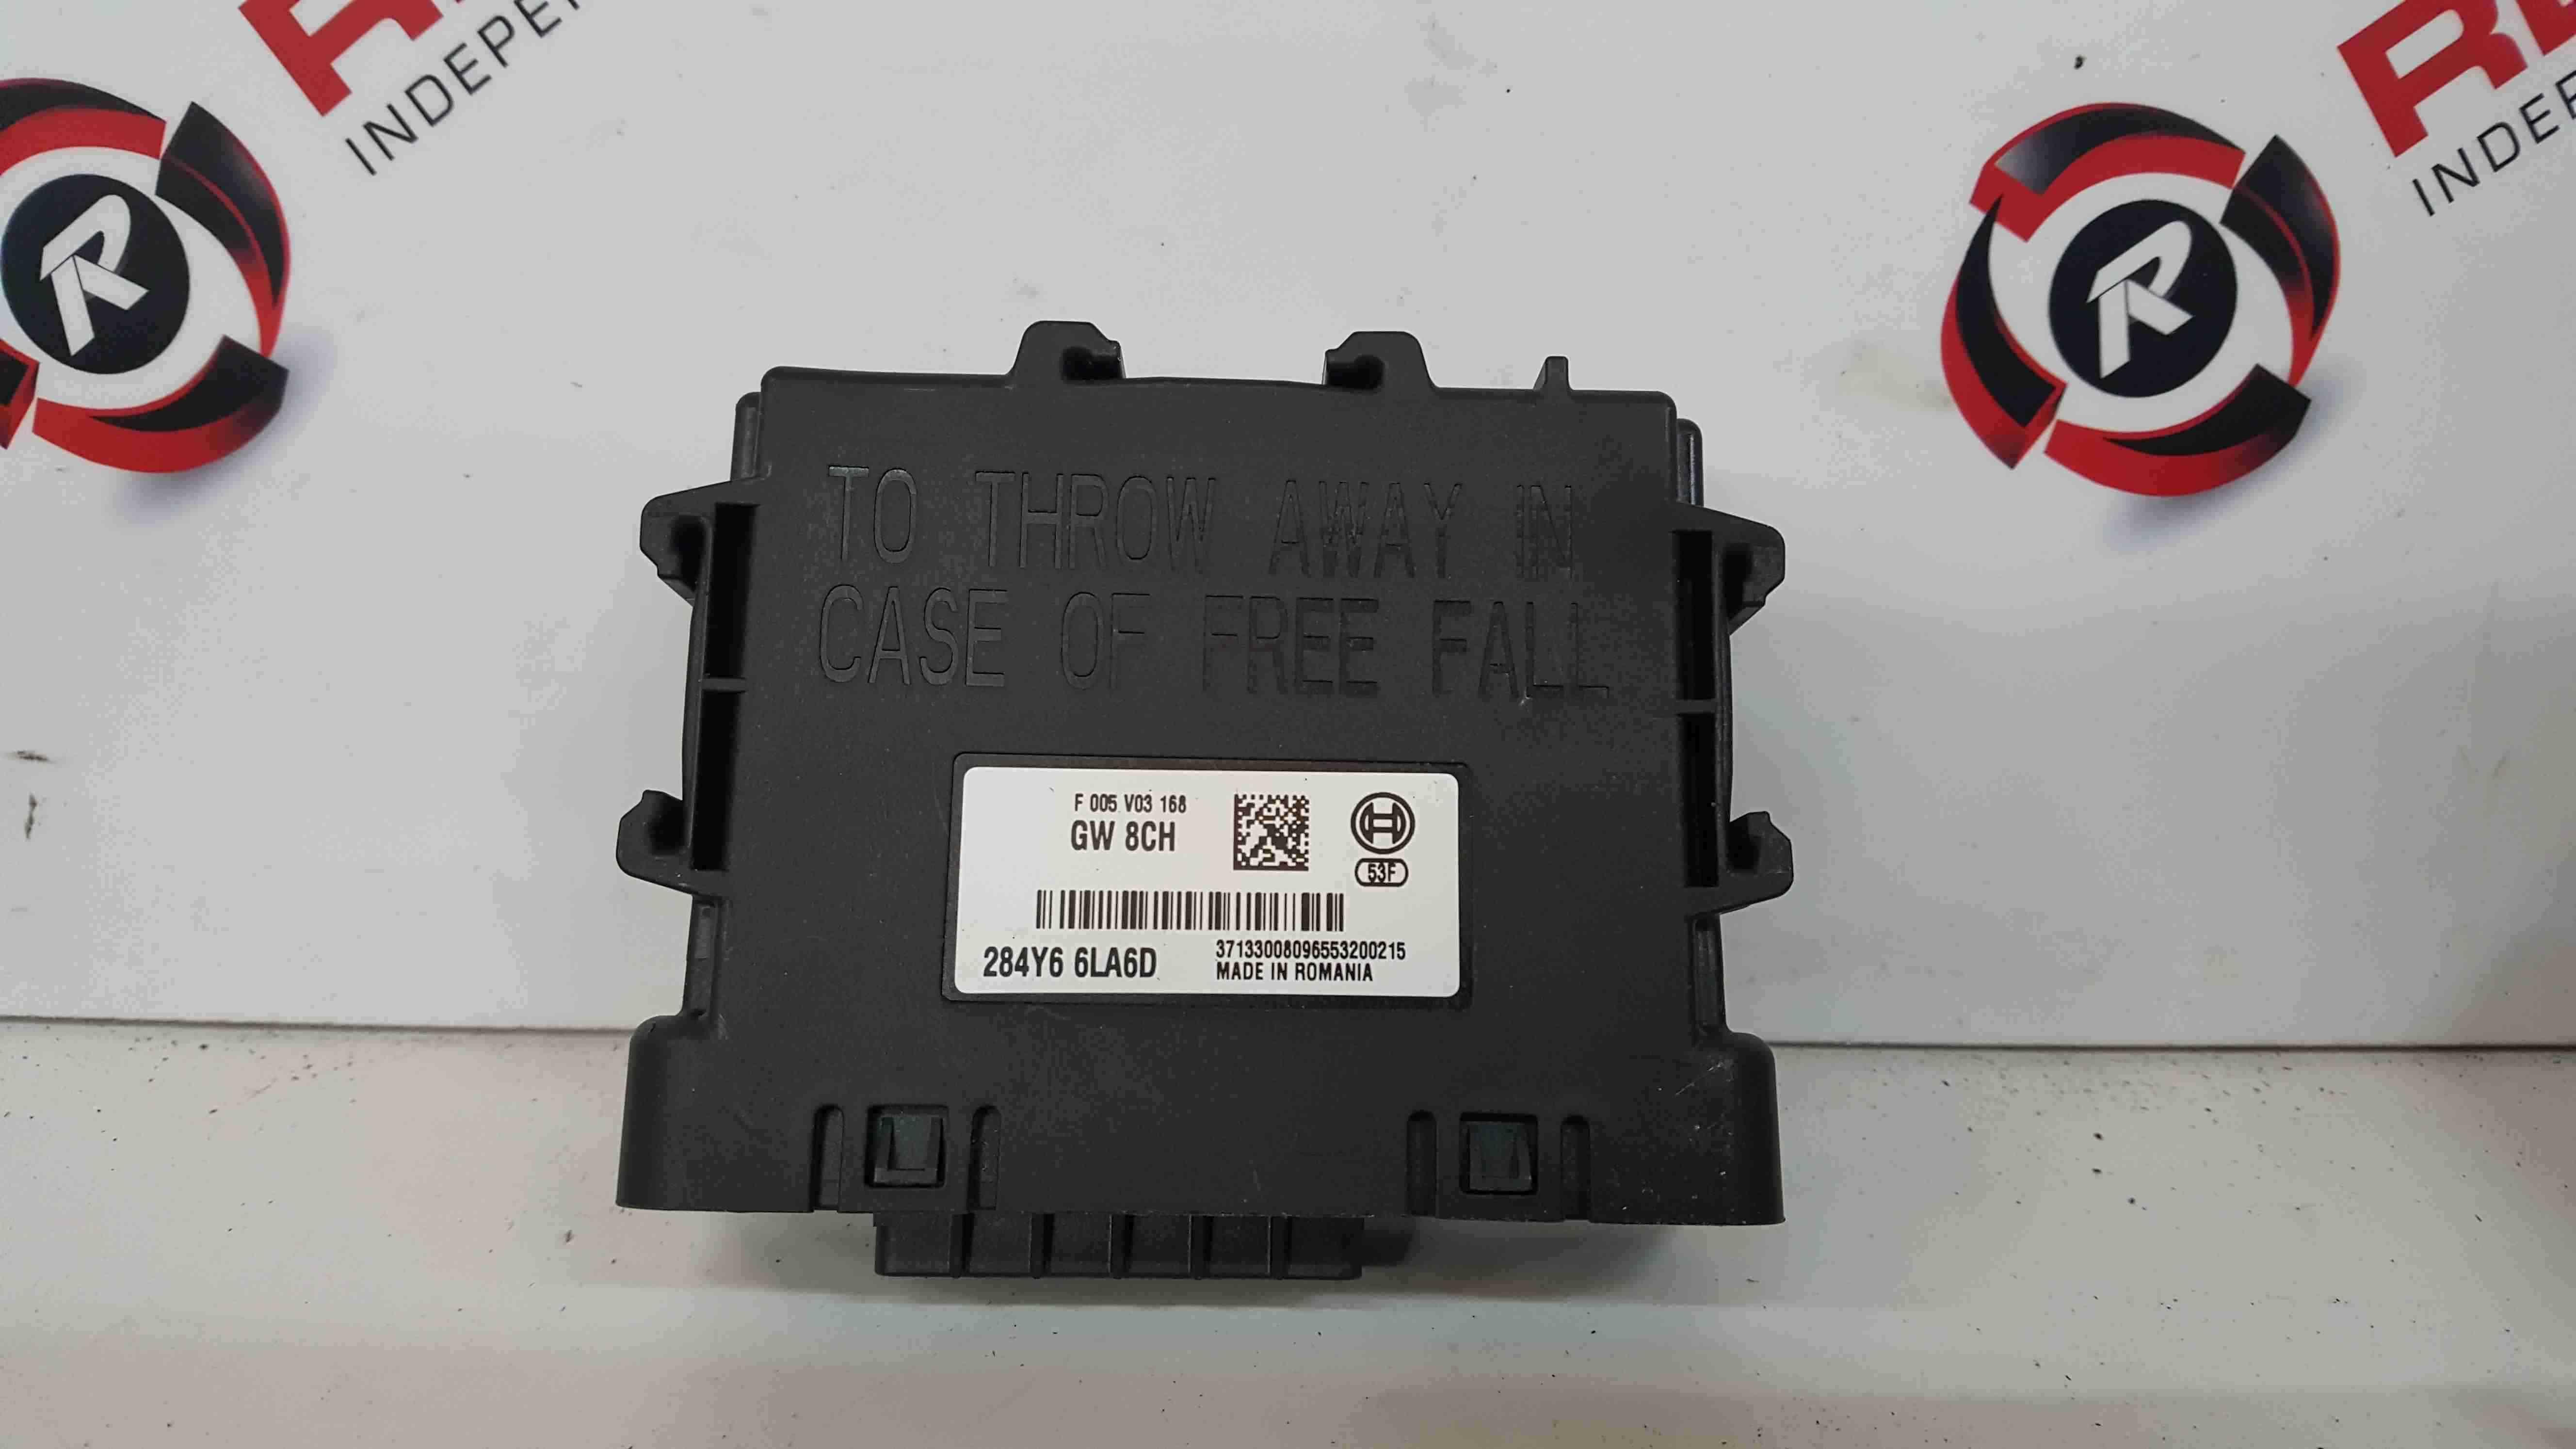 Renault Captur 2019-2021 Relay Control Module 284Y66LA6D